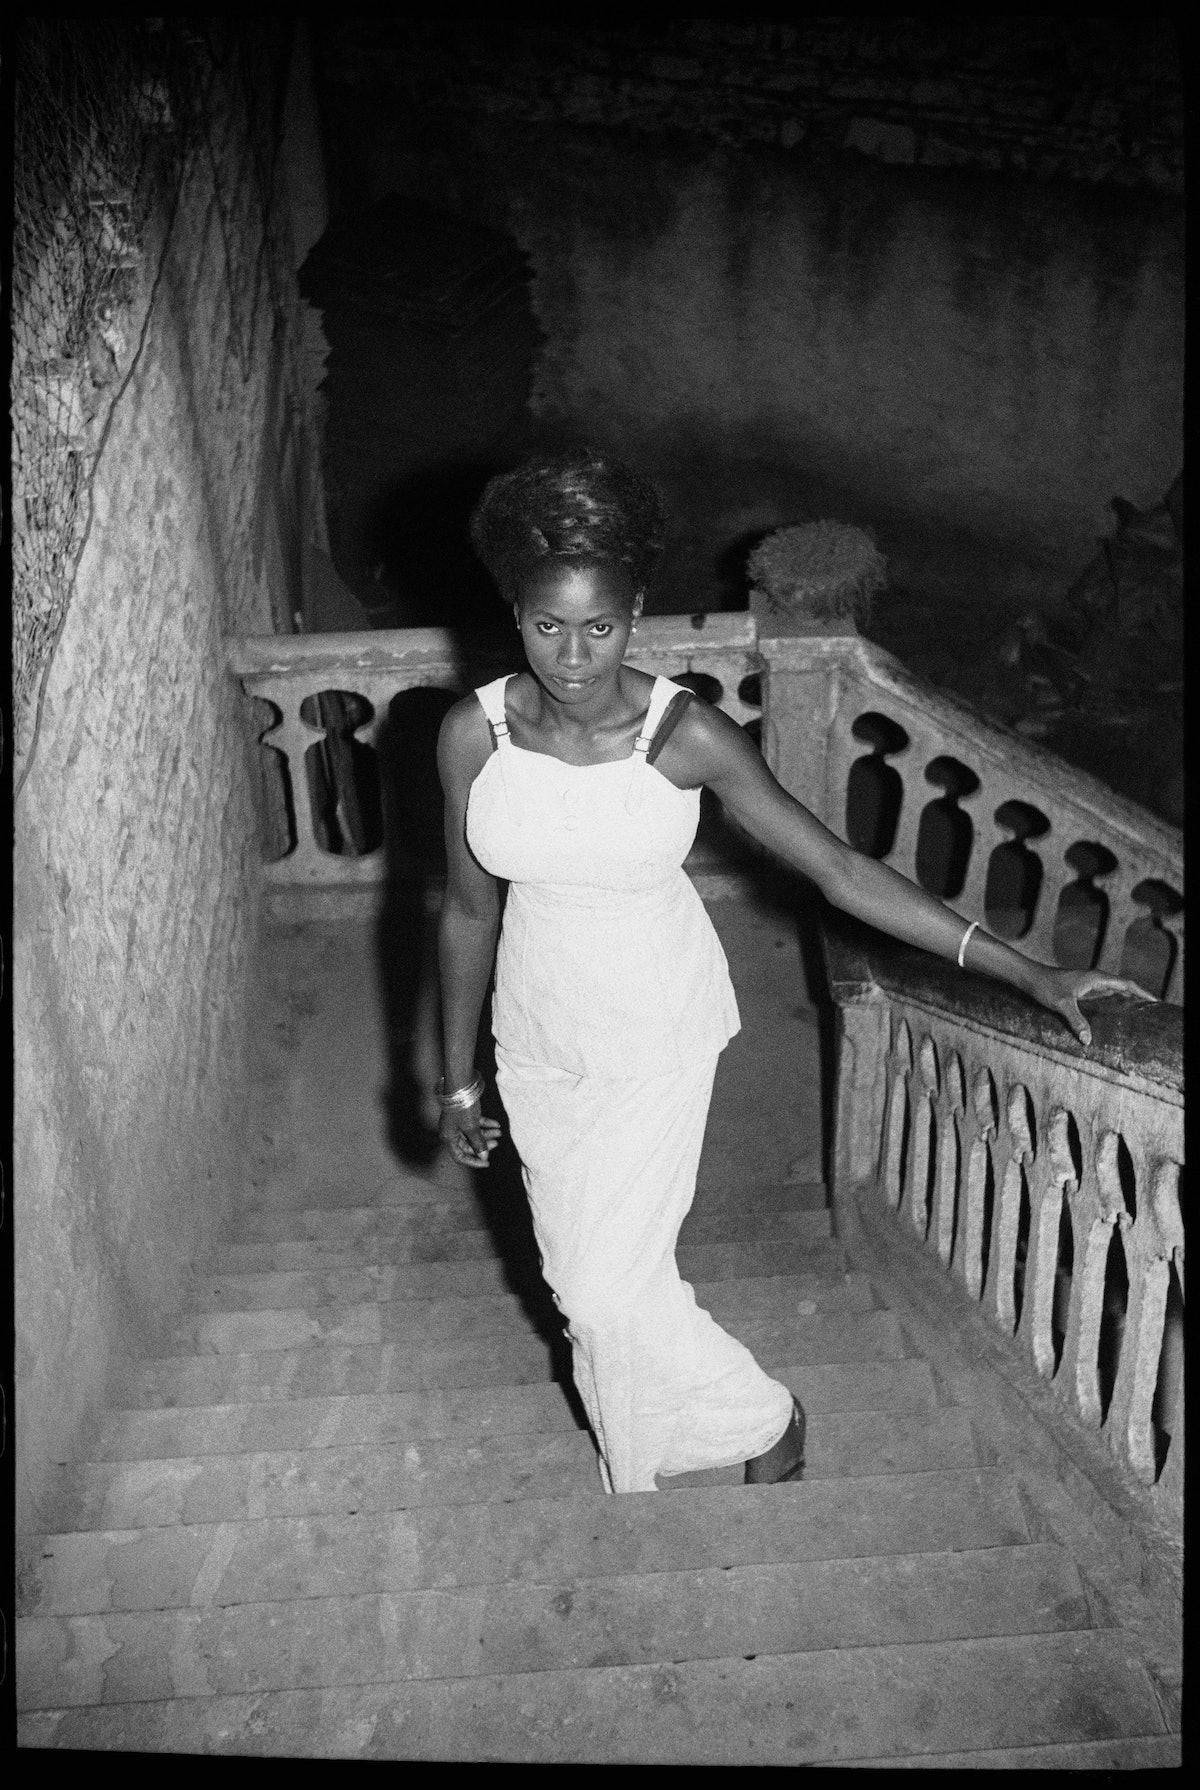 Nuit du 31 Décembre, 1969 (c) Malick Sidibé. Courtesy Galerie MAGNIN-A, Paris.jpg